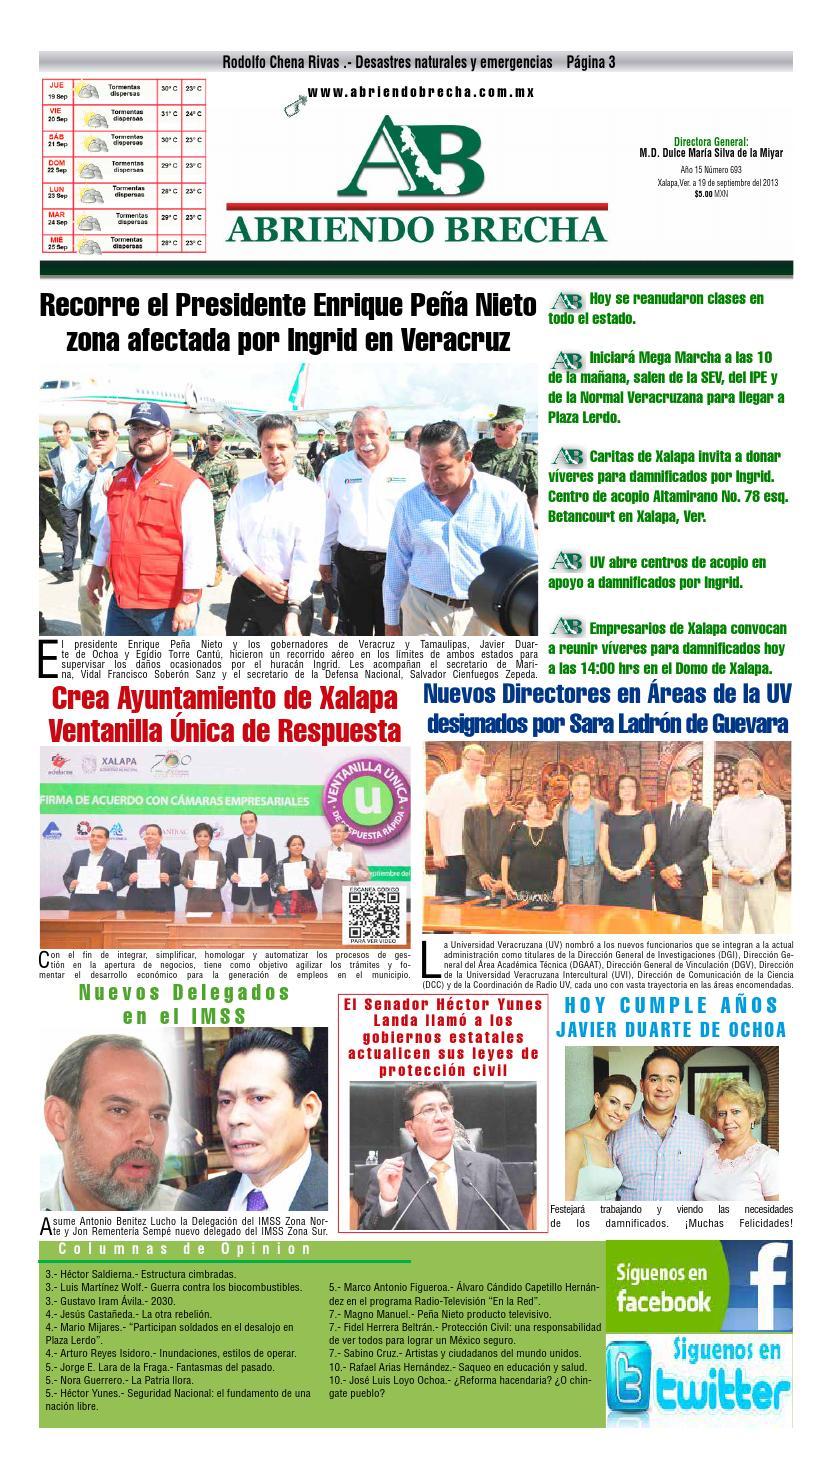 Edición 19 sep 2013 b by Abriendo Brecha - issuu